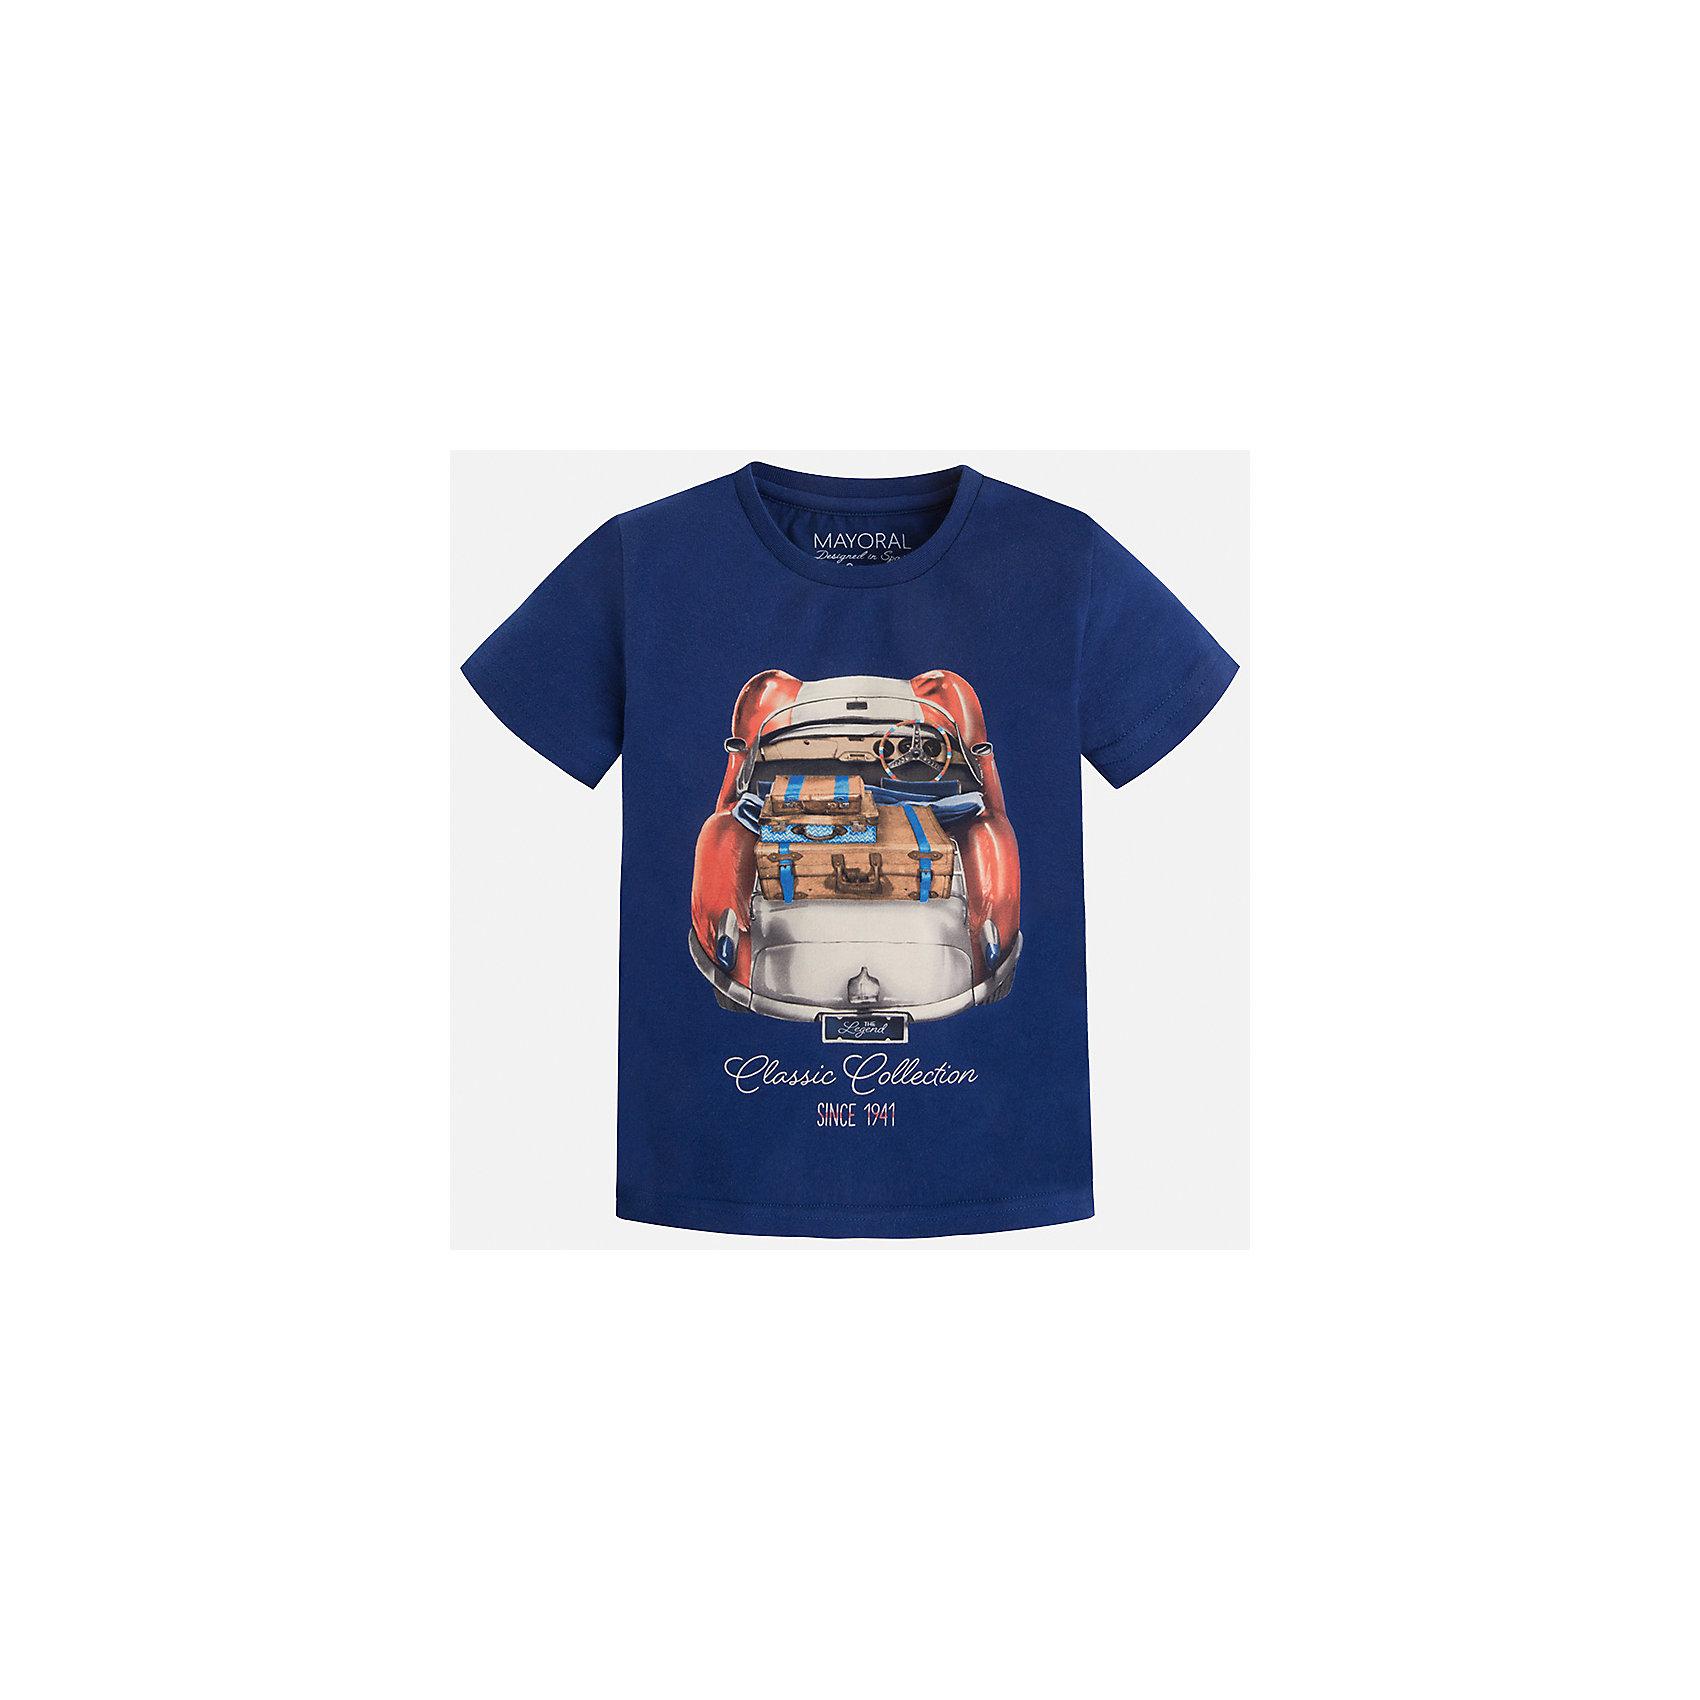 Футболка для мальчика MayoralФутболки, поло и топы<br>Характеристики товара:<br><br>• цвет: синий<br>• состав: 100% хлопок<br>• круглый горловой вырез<br>• декорирована принтом<br>• короткие рукава<br>• отделка горловины<br>• страна бренда: Испания<br><br>Модная удобная футболка с принтом поможет разнообразить гардероб мальчика. Она отлично сочетается с брюками, шортами, джинсами. Универсальный крой и цвет позволяет подобрать к вещи низ разных расцветок. Практичное и стильное изделие! Хорошо смотрится и комфортно сидит на детях. В составе материала - только натуральный хлопок, гипоаллергенный, приятный на ощупь, дышащий. <br><br>Одежда, обувь и аксессуары от испанского бренда Mayoral полюбились детям и взрослым по всему миру. Модели этой марки - стильные и удобные. Для их производства используются только безопасные, качественные материалы и фурнитура. Порадуйте ребенка модными и красивыми вещами от Mayoral! <br><br>Футболку для мальчика от испанского бренда Mayoral (Майорал) можно купить в нашем интернет-магазине.<br><br>Ширина мм: 199<br>Глубина мм: 10<br>Высота мм: 161<br>Вес г: 151<br>Цвет: синий<br>Возраст от месяцев: 48<br>Возраст до месяцев: 60<br>Пол: Мужской<br>Возраст: Детский<br>Размер: 110,128,122,134,104,98,92,116<br>SKU: 5279899